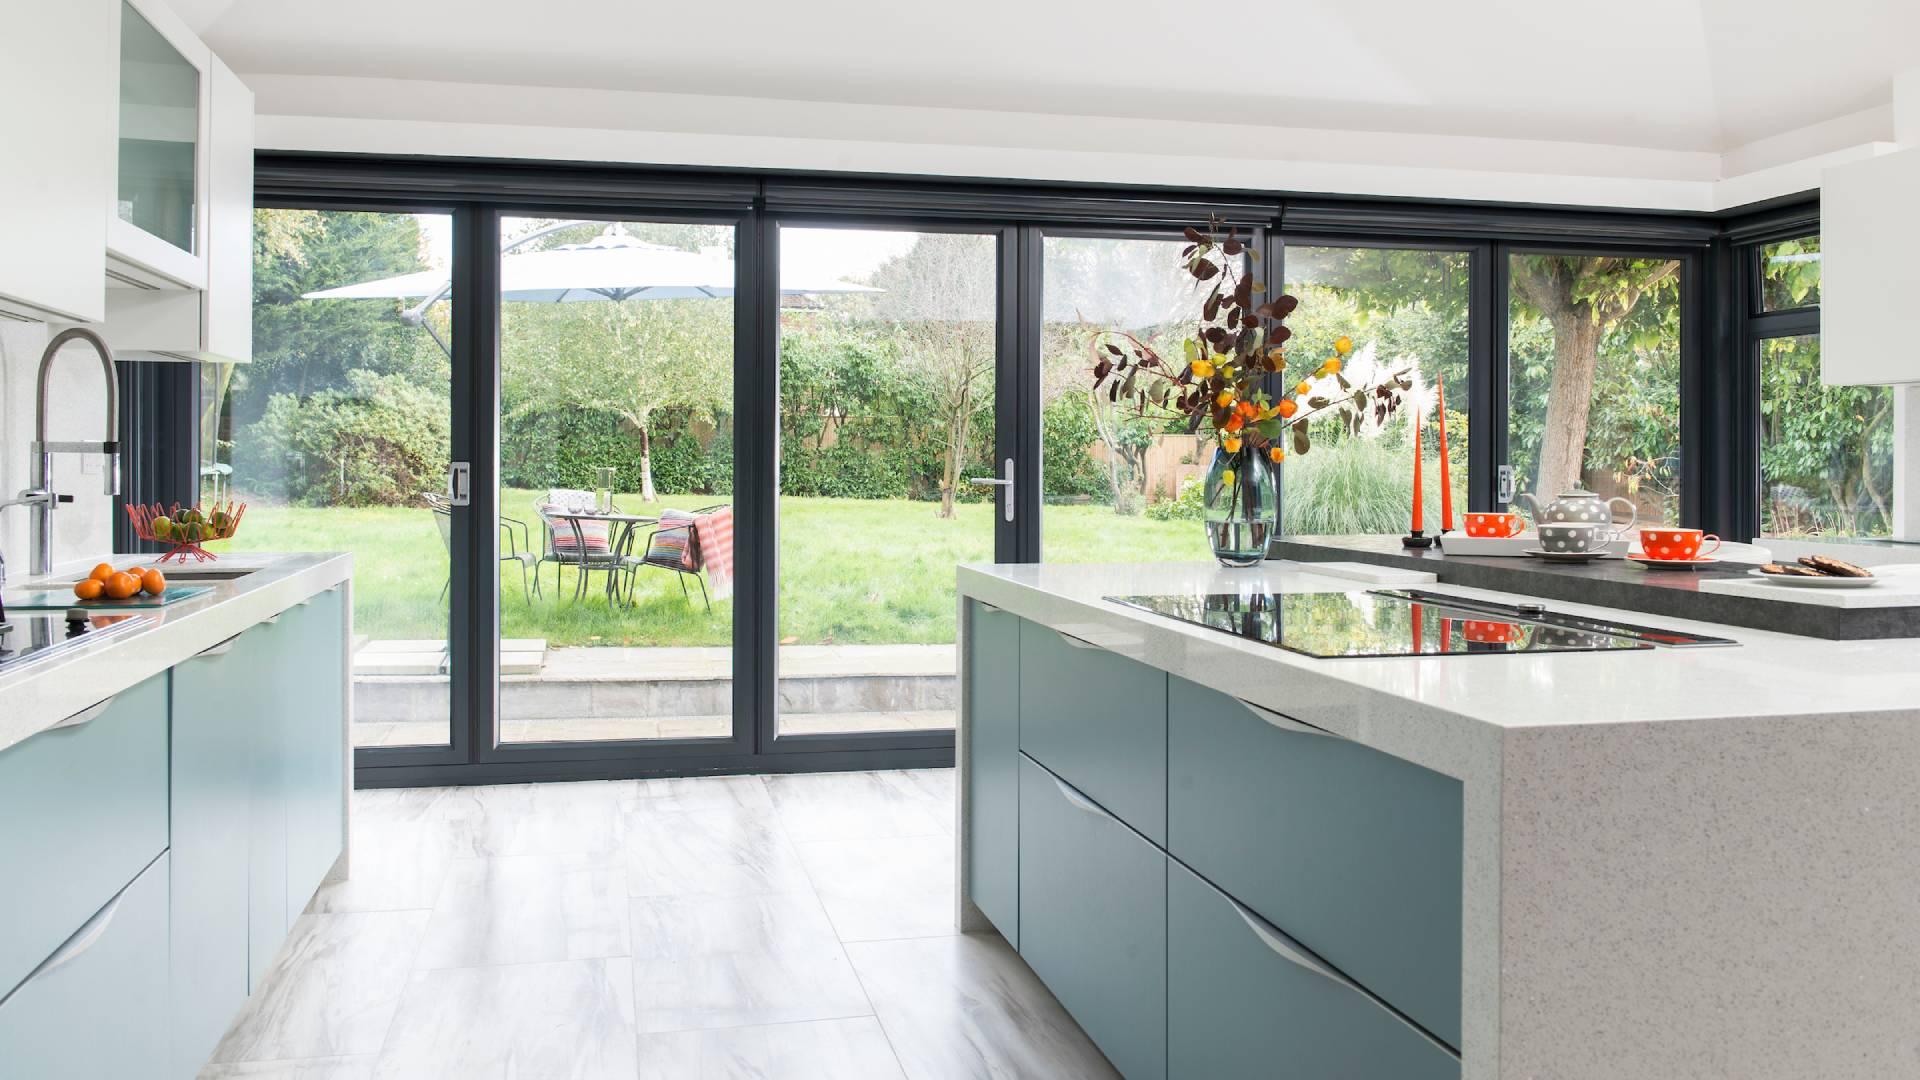 Phòng bếp với không gian rất thiên nhiên và thoáng